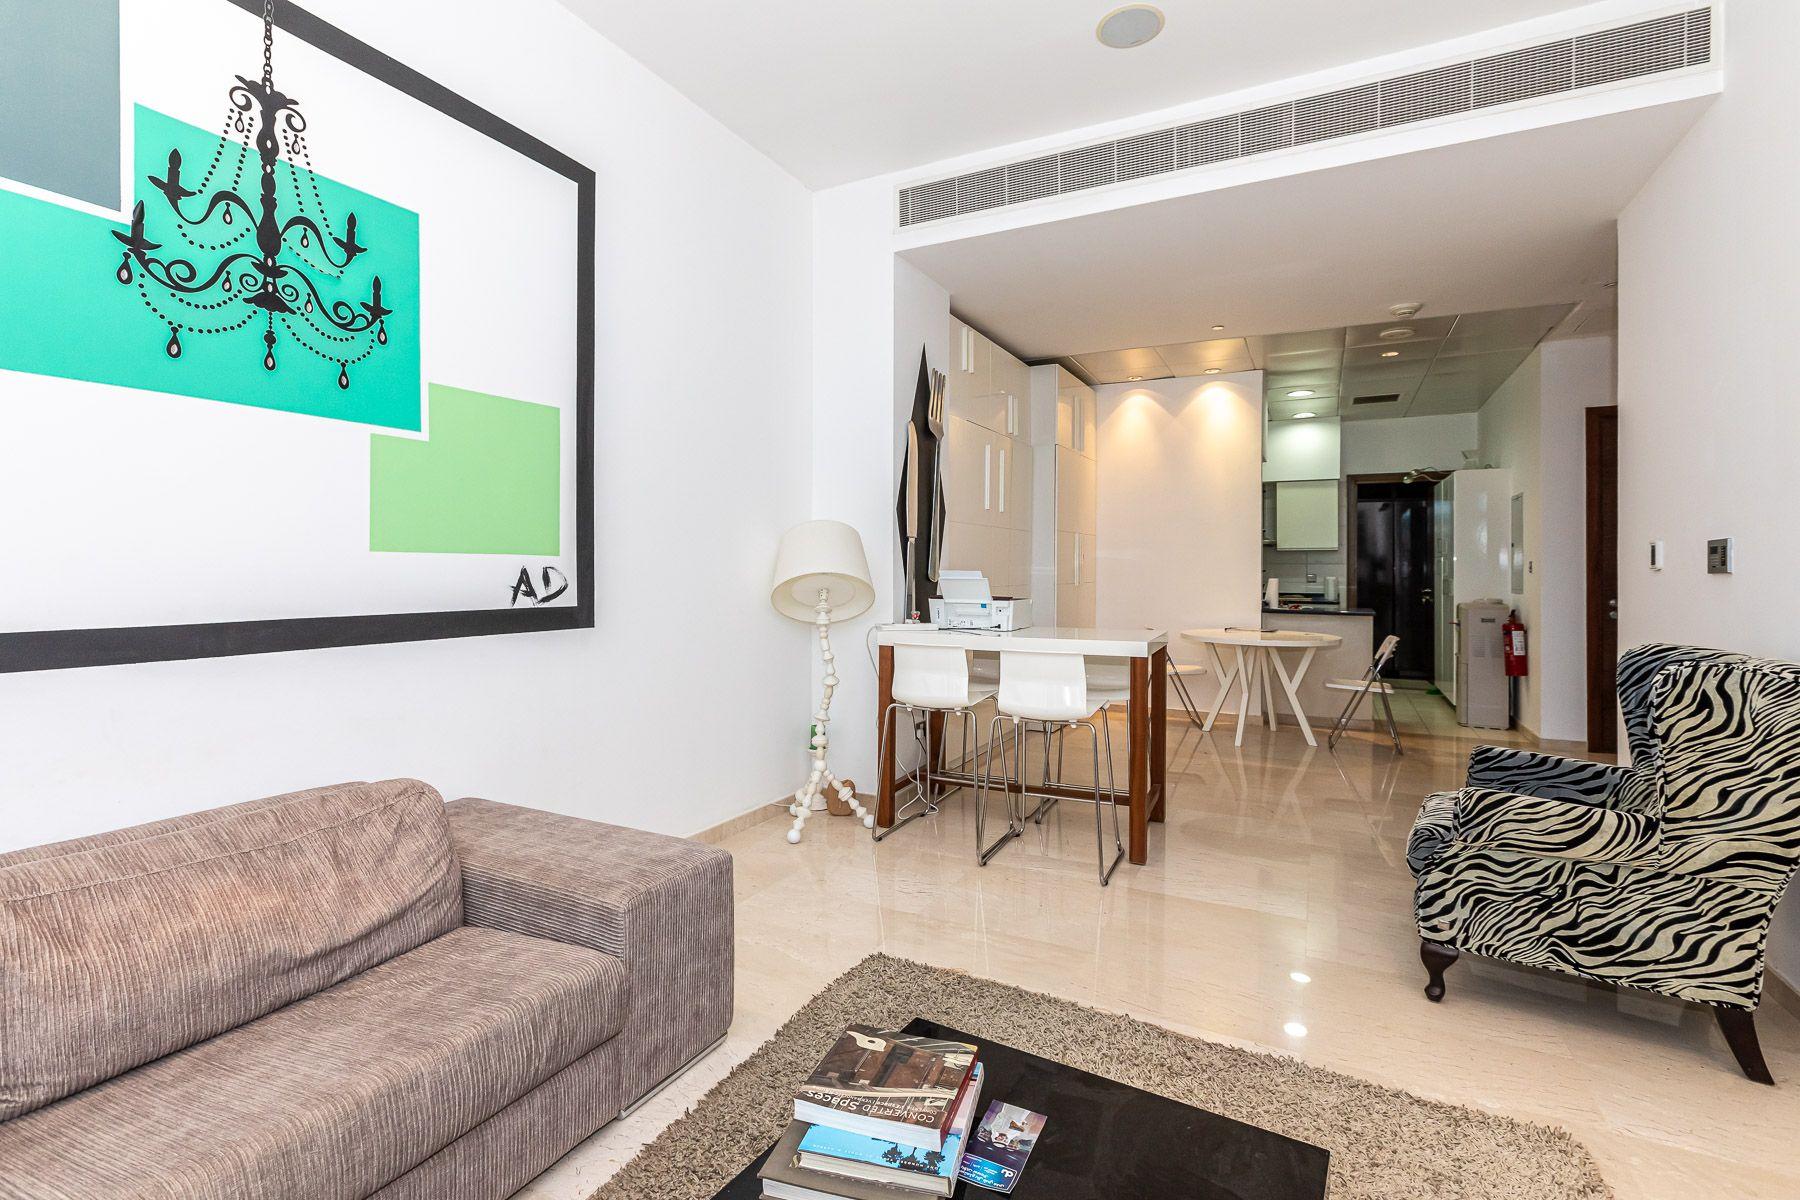 للايجار - شقة - أوشيانا الكاريبي - نخلة الجميرا